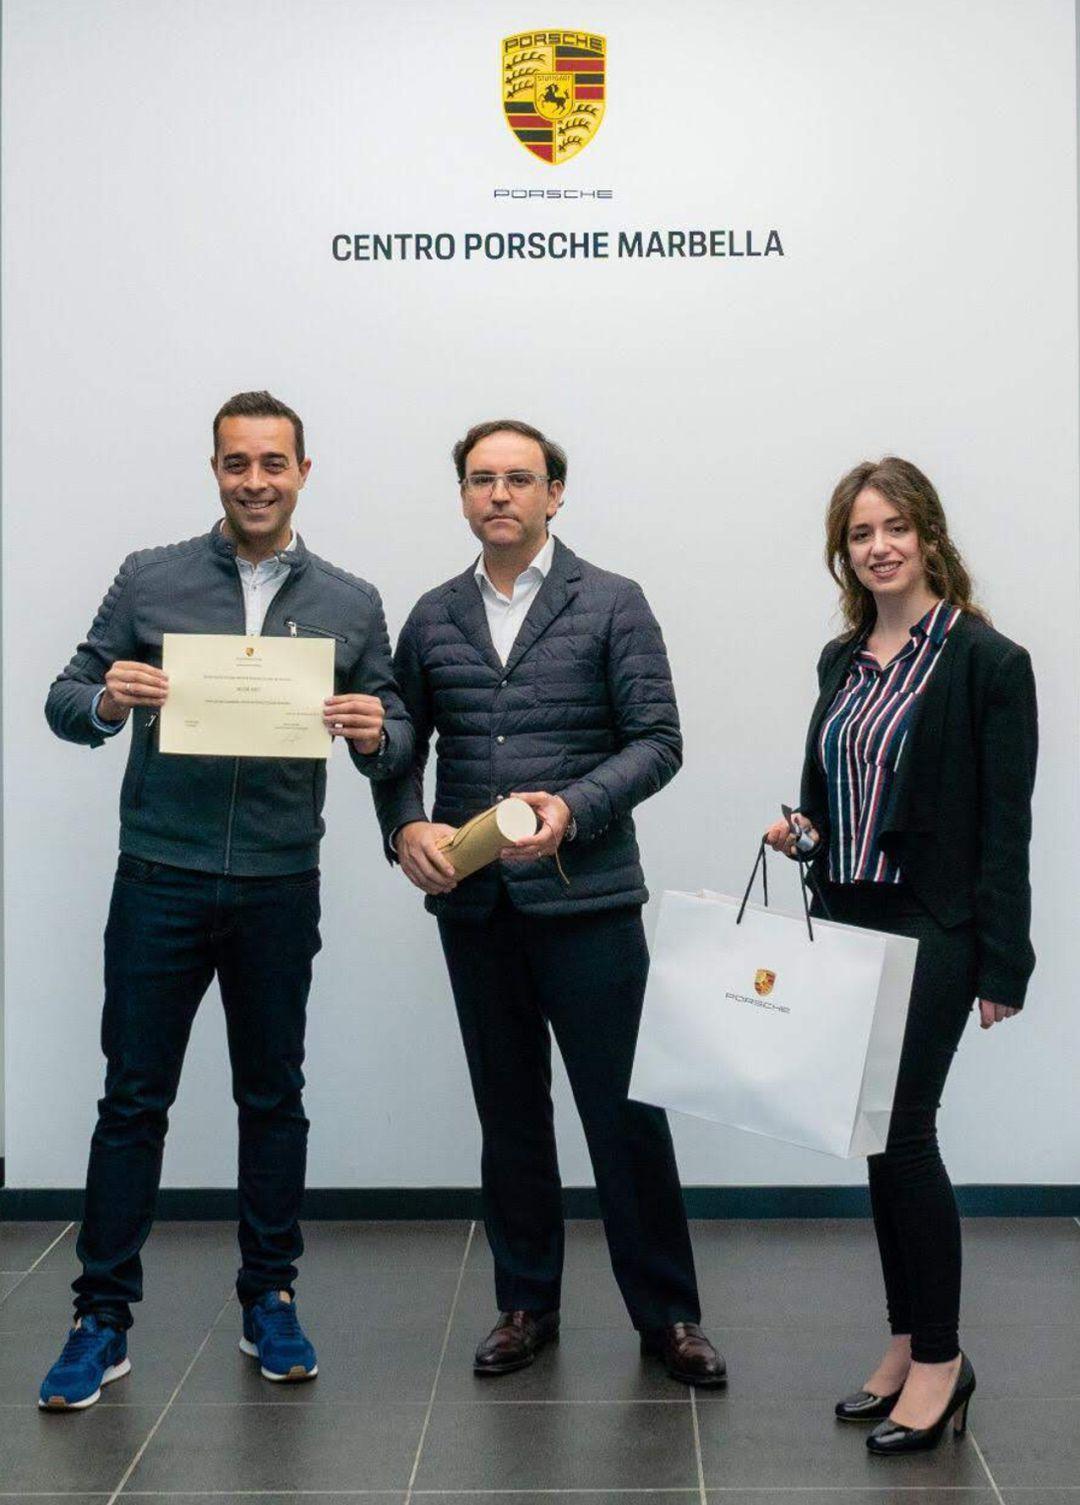 Entrega de la acreditación como Embajador del Centro Porsche Marbella por parte de Rafael Rivero, Gerente de Centro Porsche Marbella y Rocío Laure, Responsable de Marketing